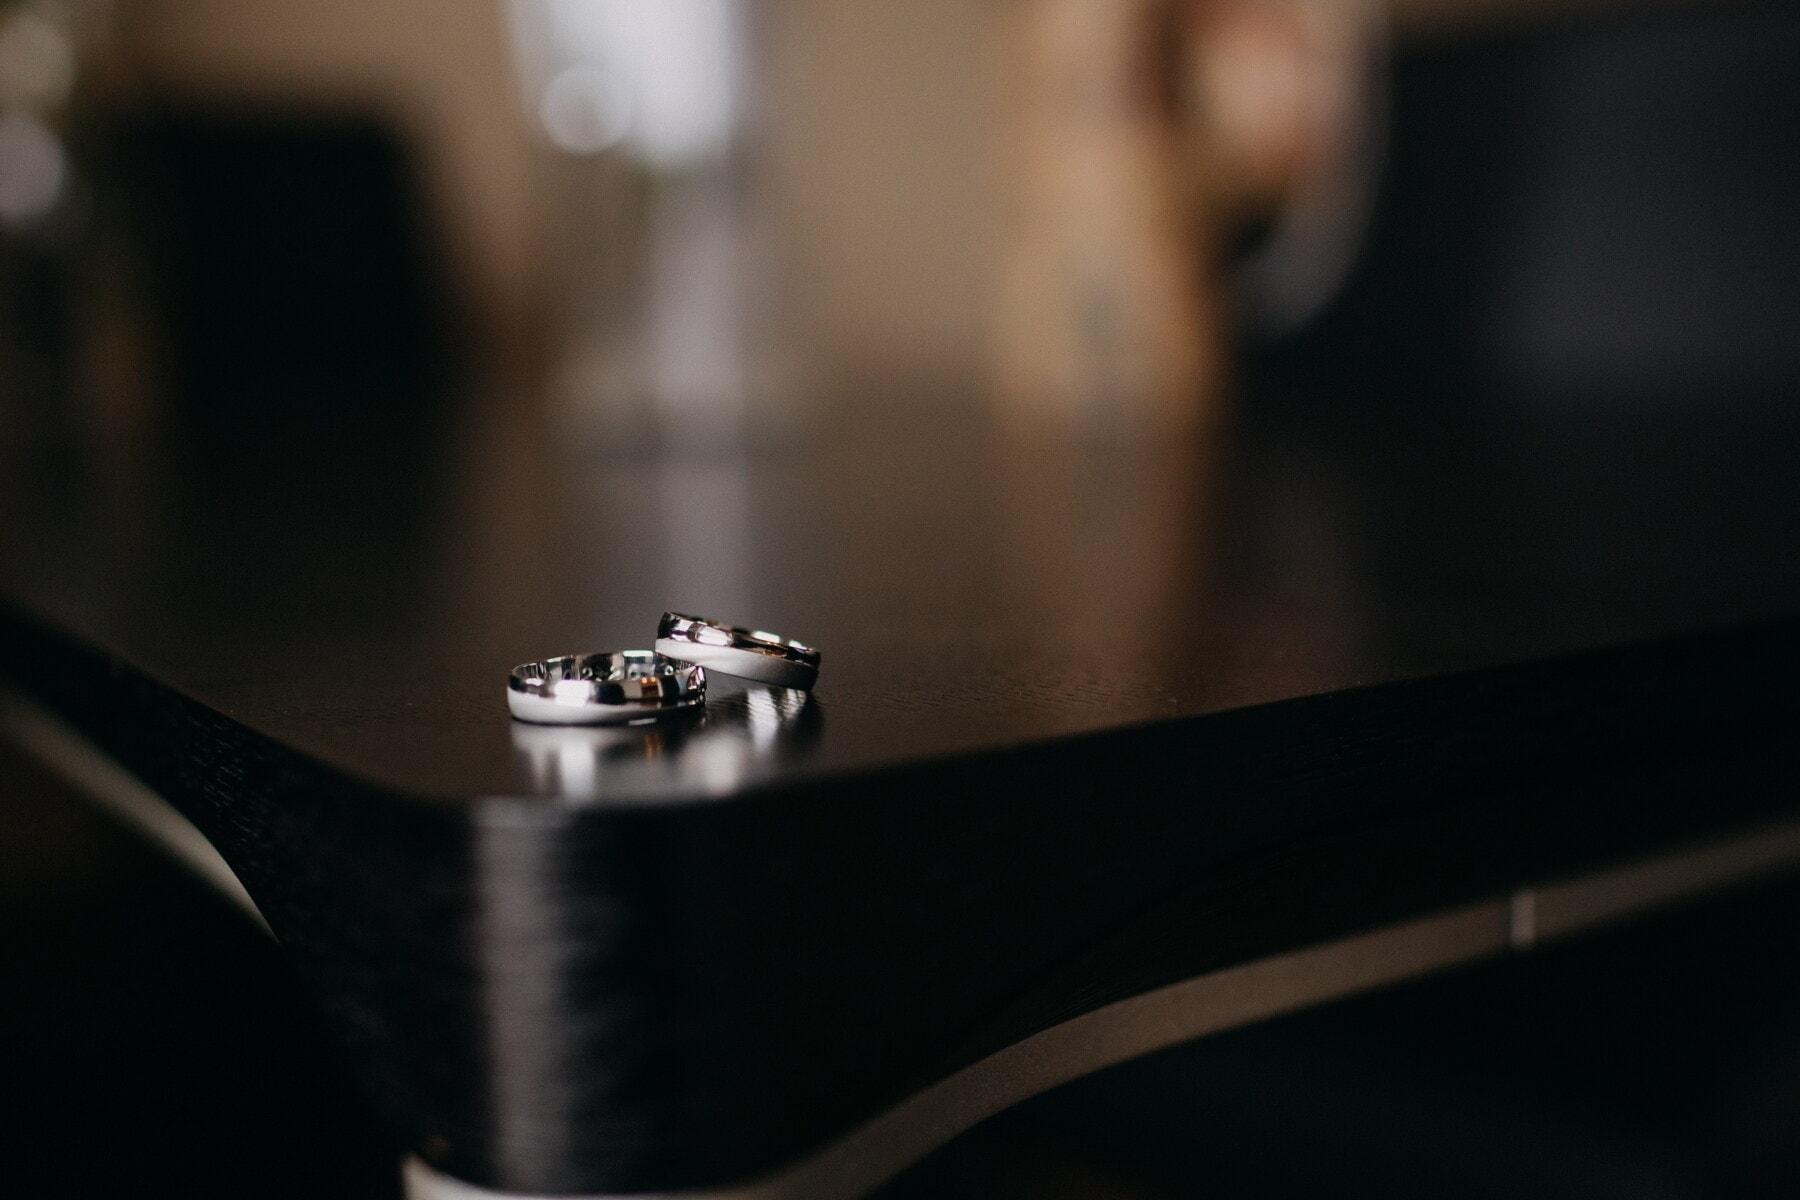 bague de mariage, paire, fermer, réflexion, ombre, brouiller, nature morte, studio, à l'intérieur, chambre